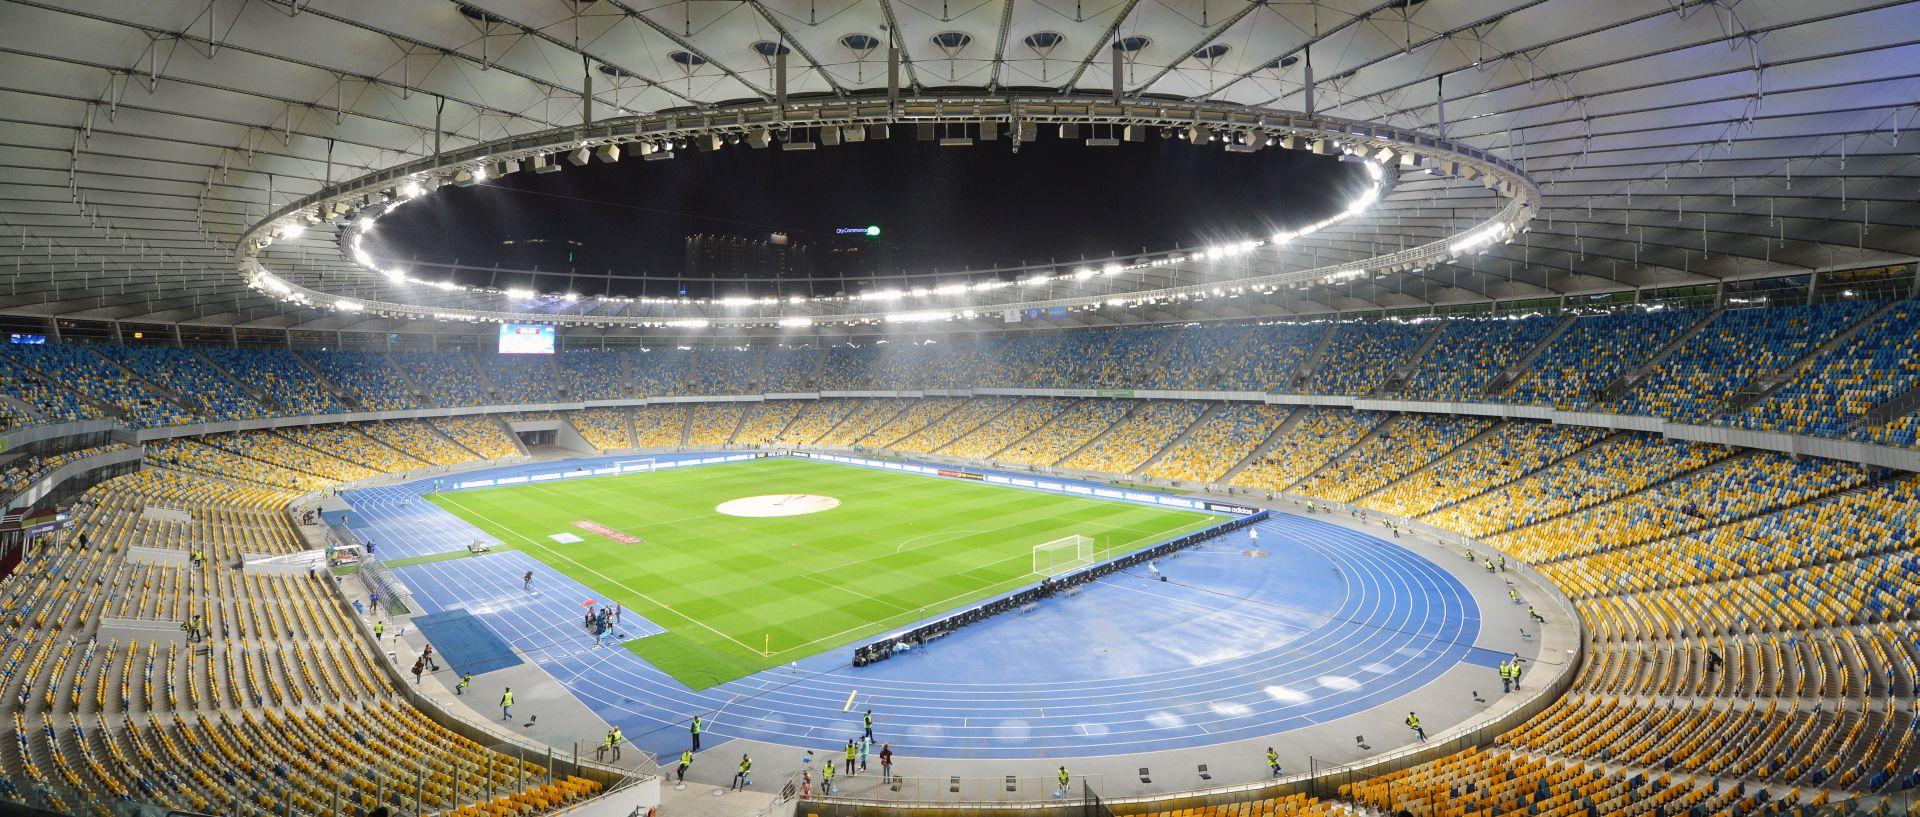 Finale Lige prvaka 2018. godine u Kijevu